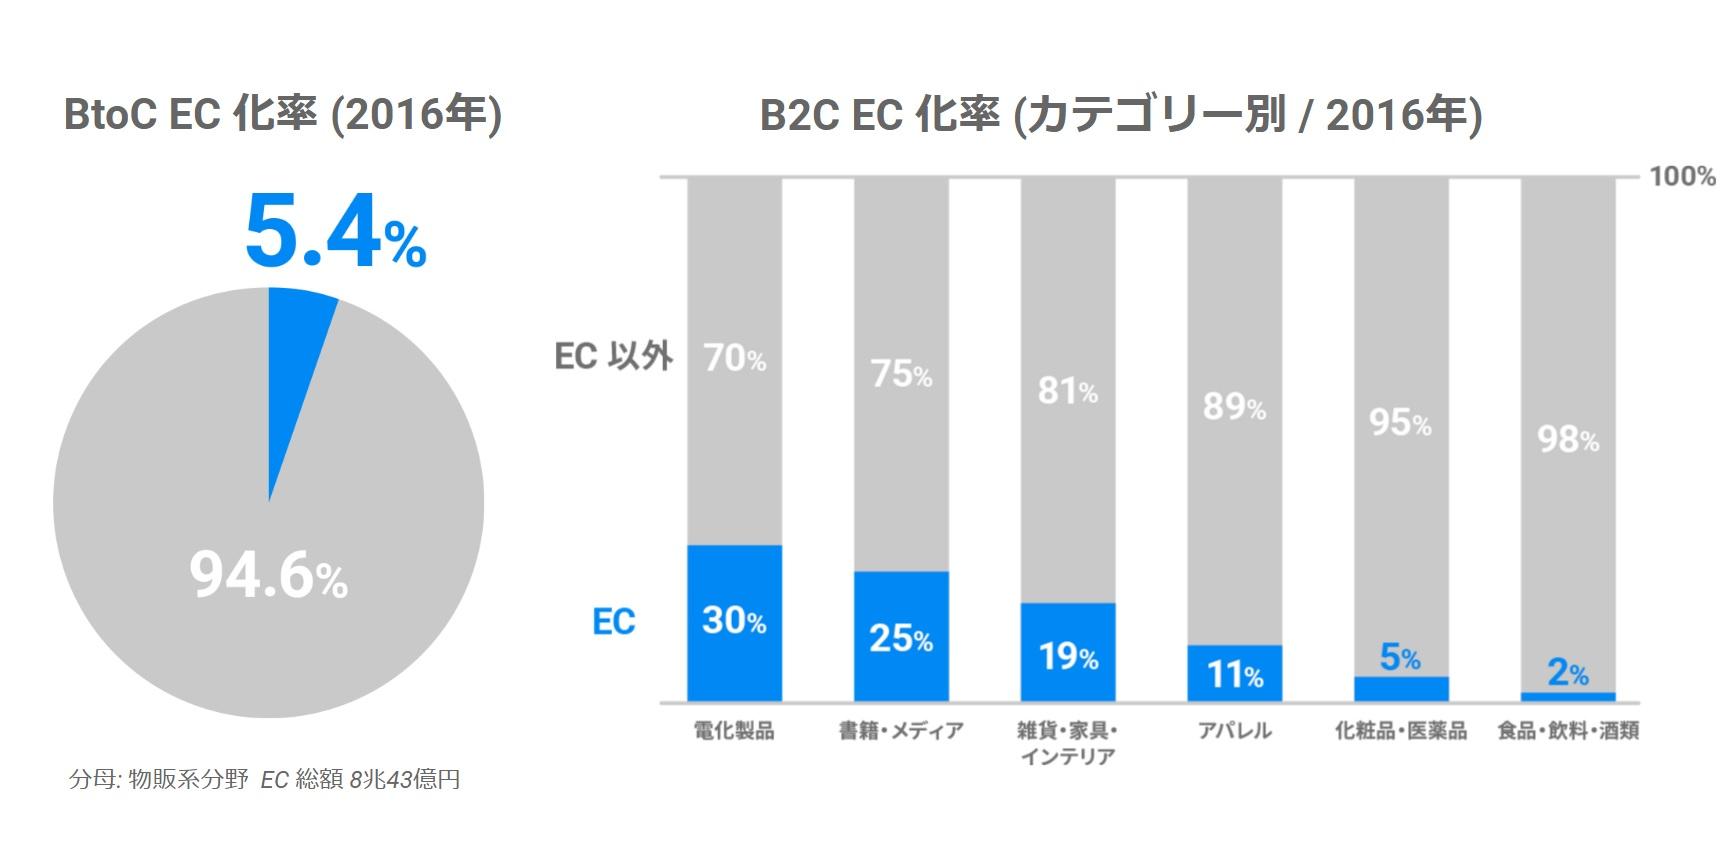 日本の EC が小売市場に占める割合